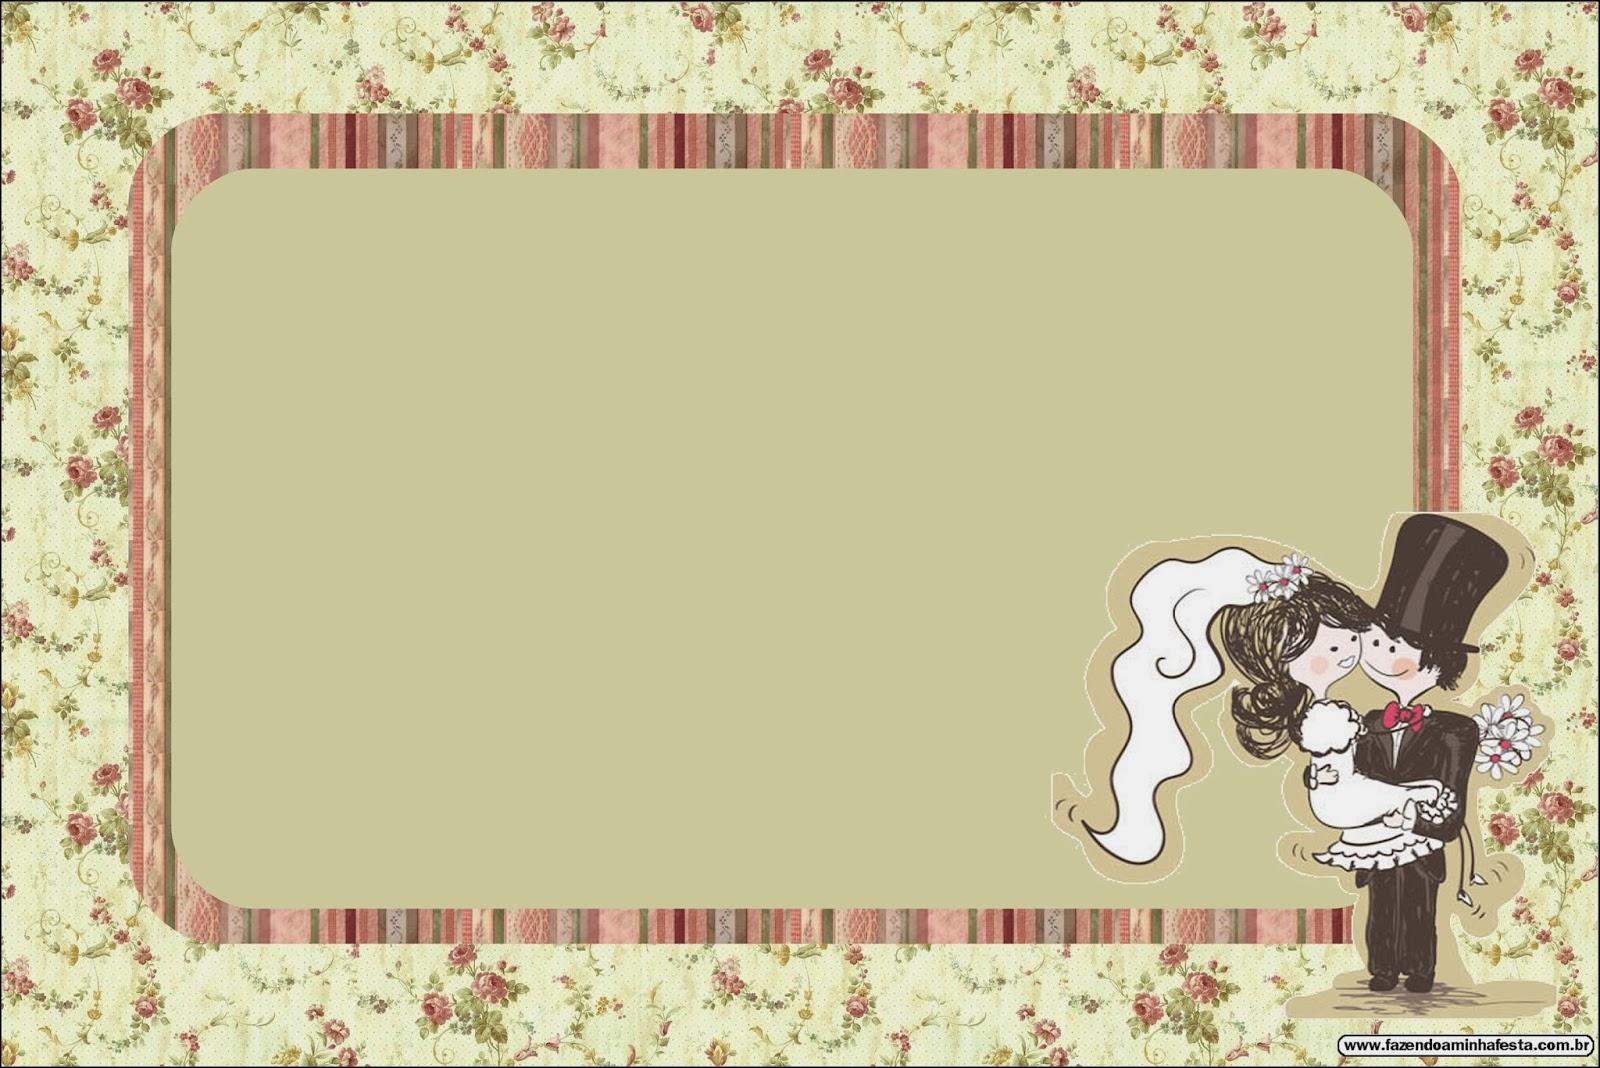 Imagenes de fondos para invitaciónes de boda - Imagui